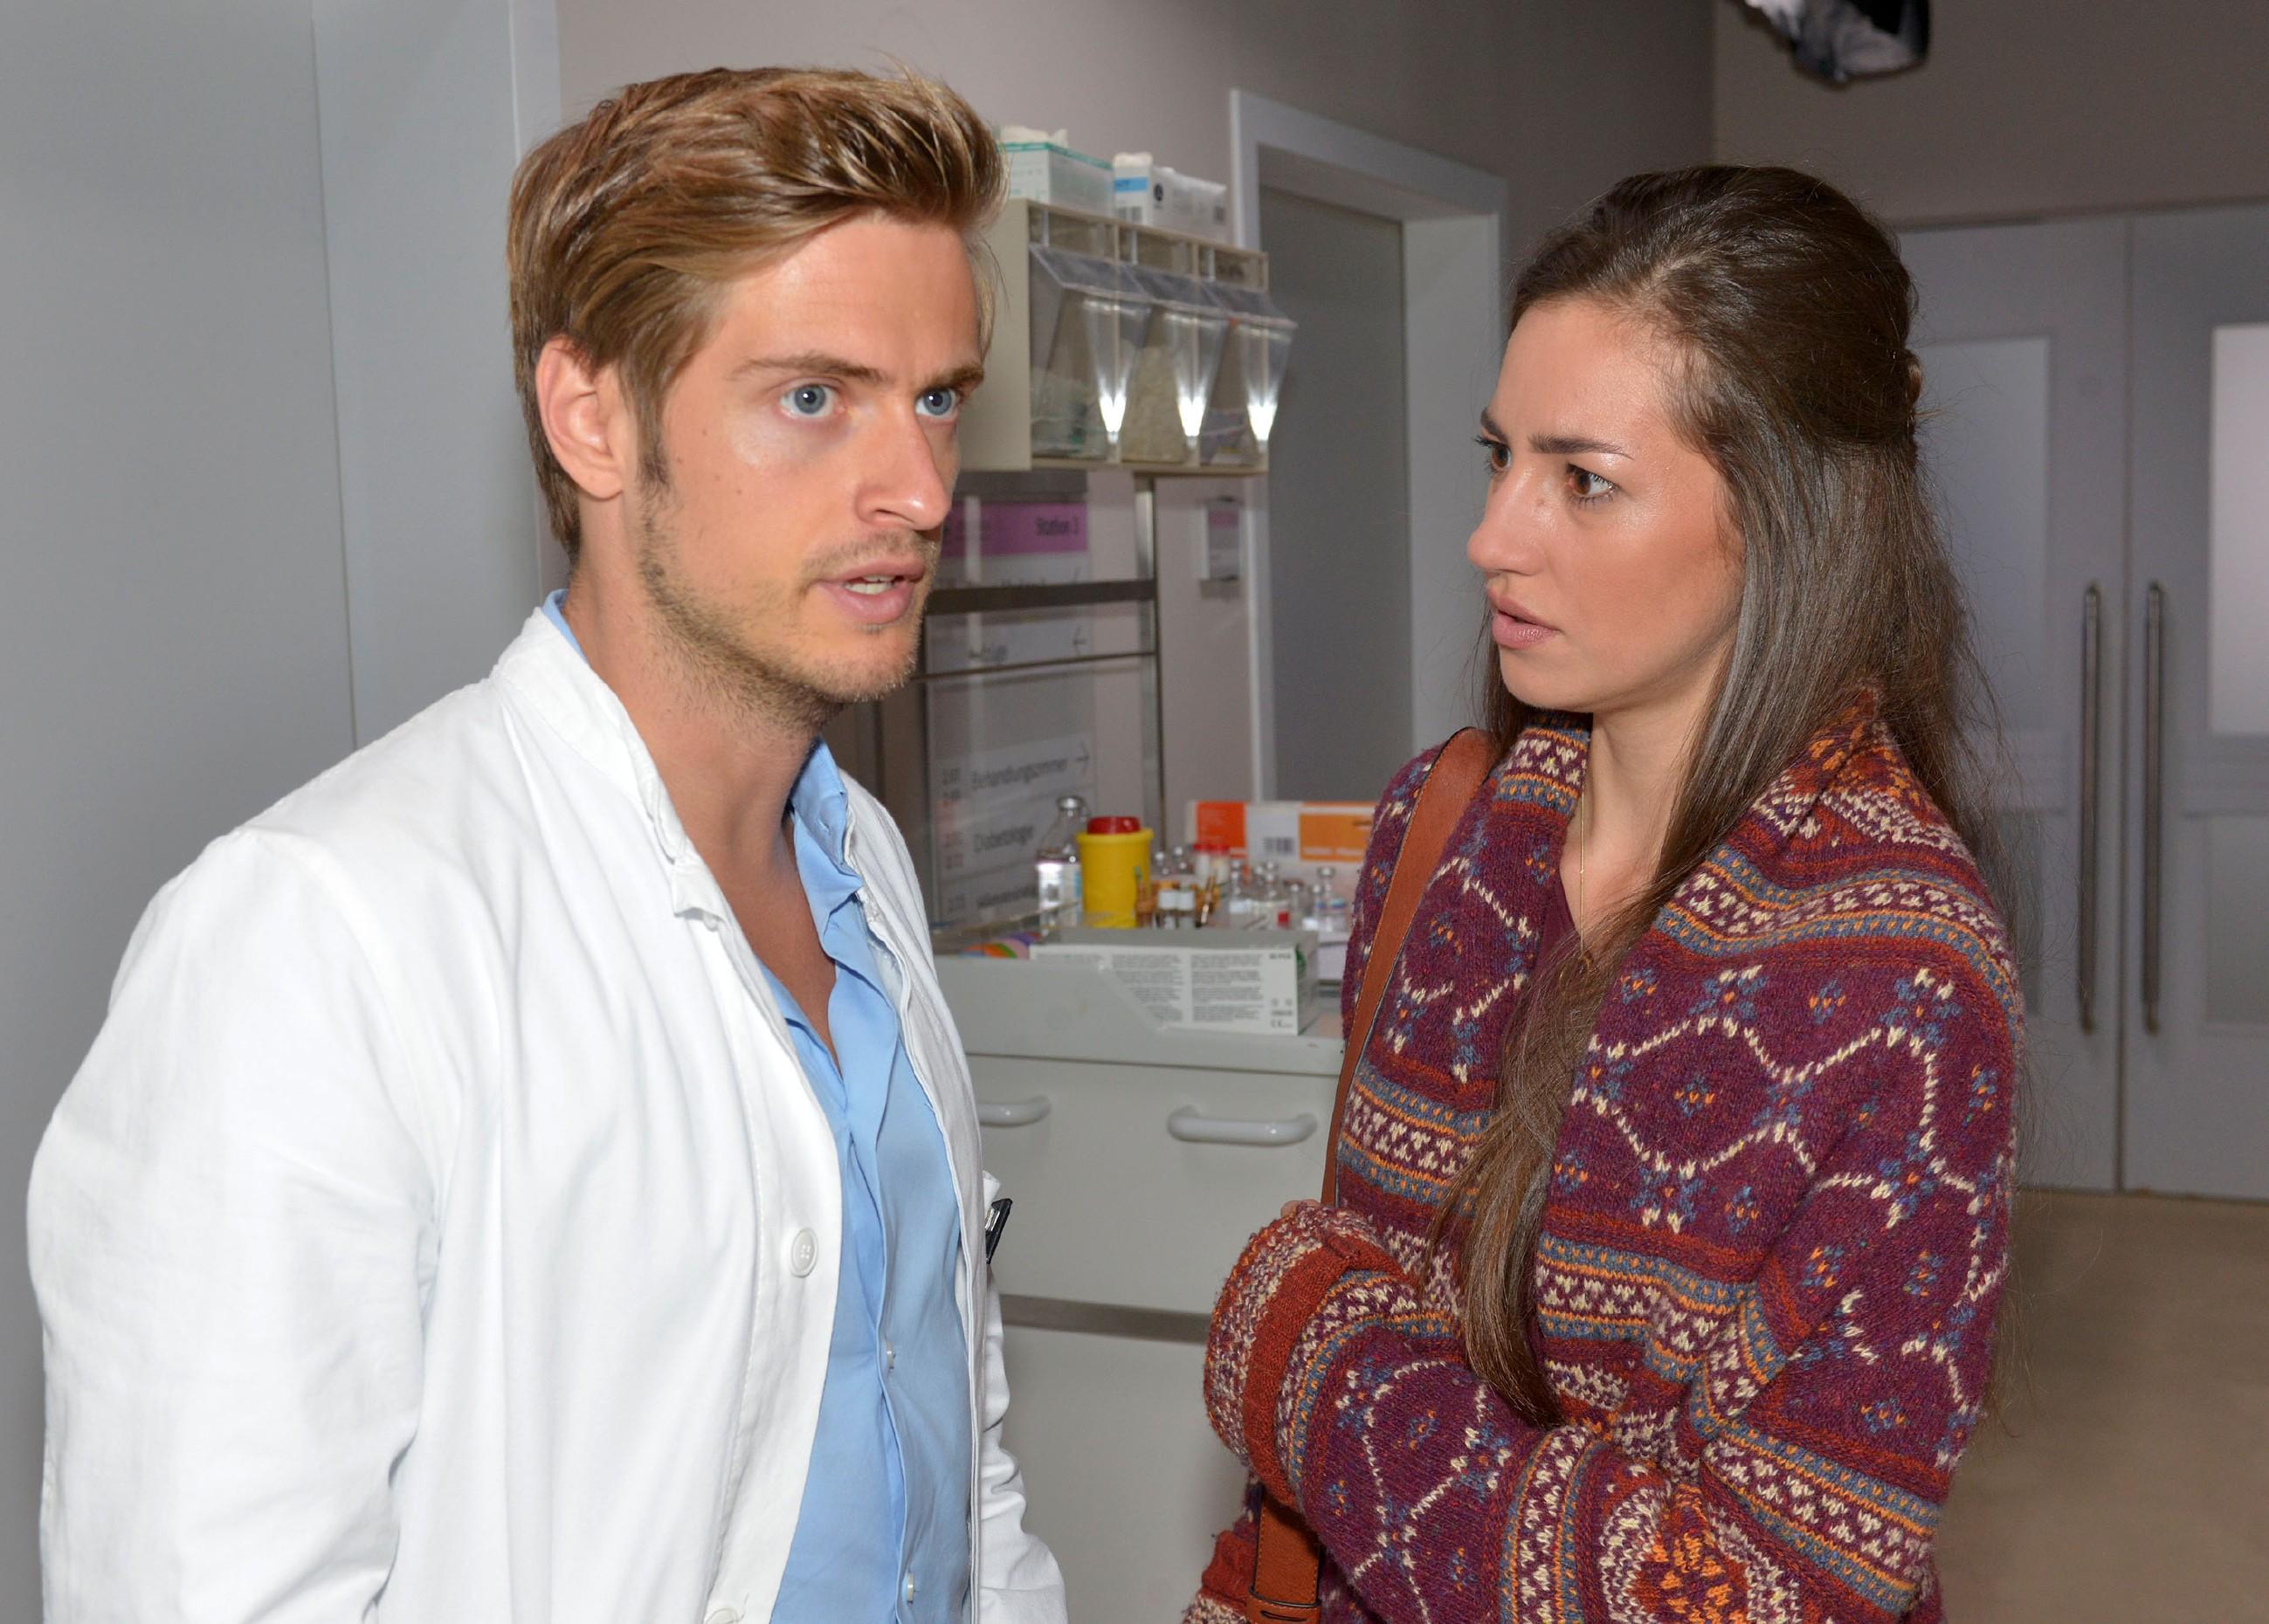 Als Elena (Elena Garcia Gerlach) bei John weitere Anzeichen für eine mögliche Erkrankung entdeckt, sucht sie Philip (Jörn Schlönvoigt) im Krankenhaus auf, um sich mit ihm zu beraten.